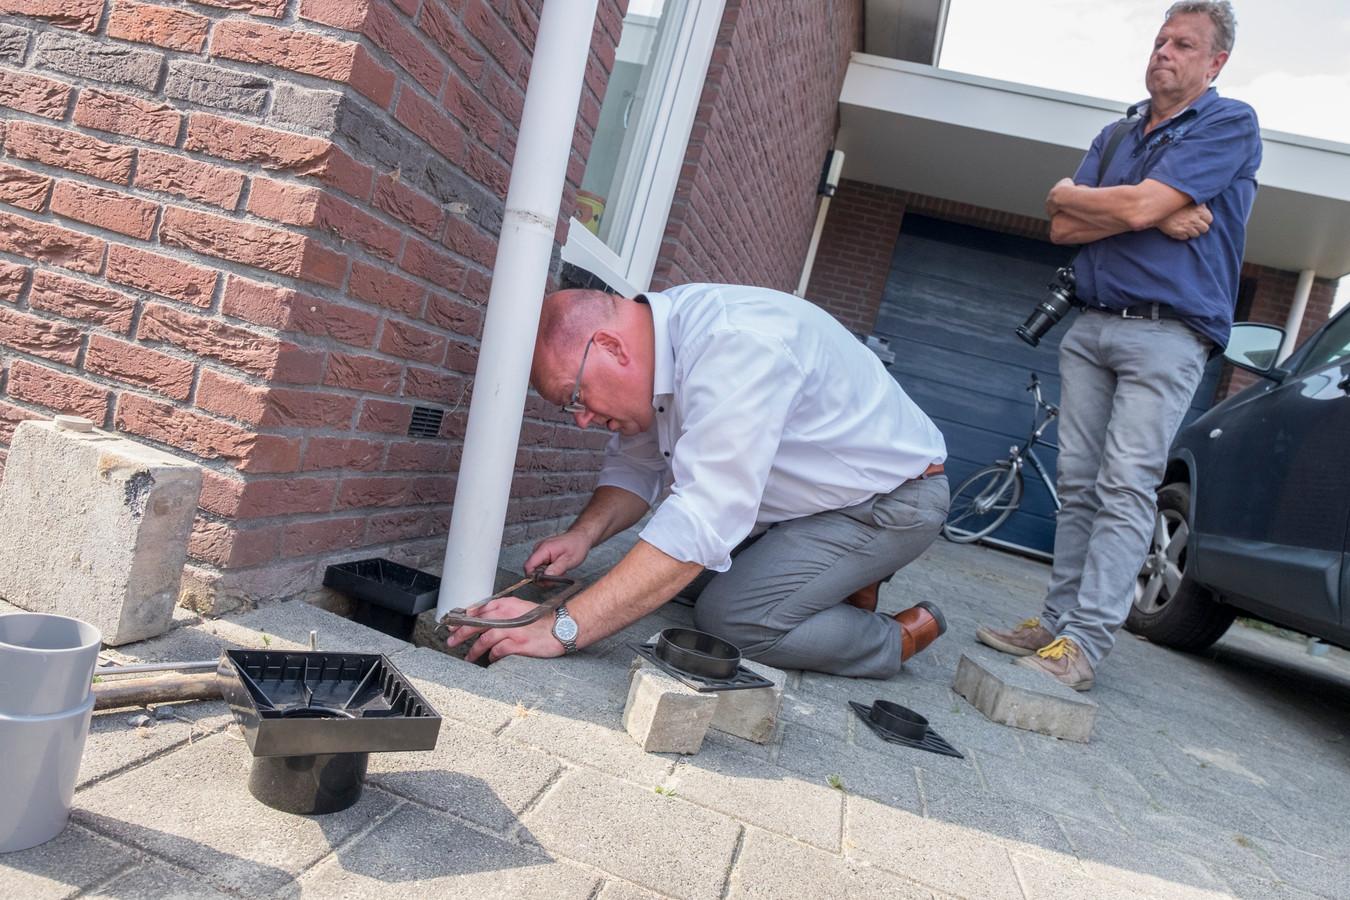 Wethouder Kees Weststrate brengt het eerste ontlastputje aan bij beleidsmedewerker water Jan Joosten.